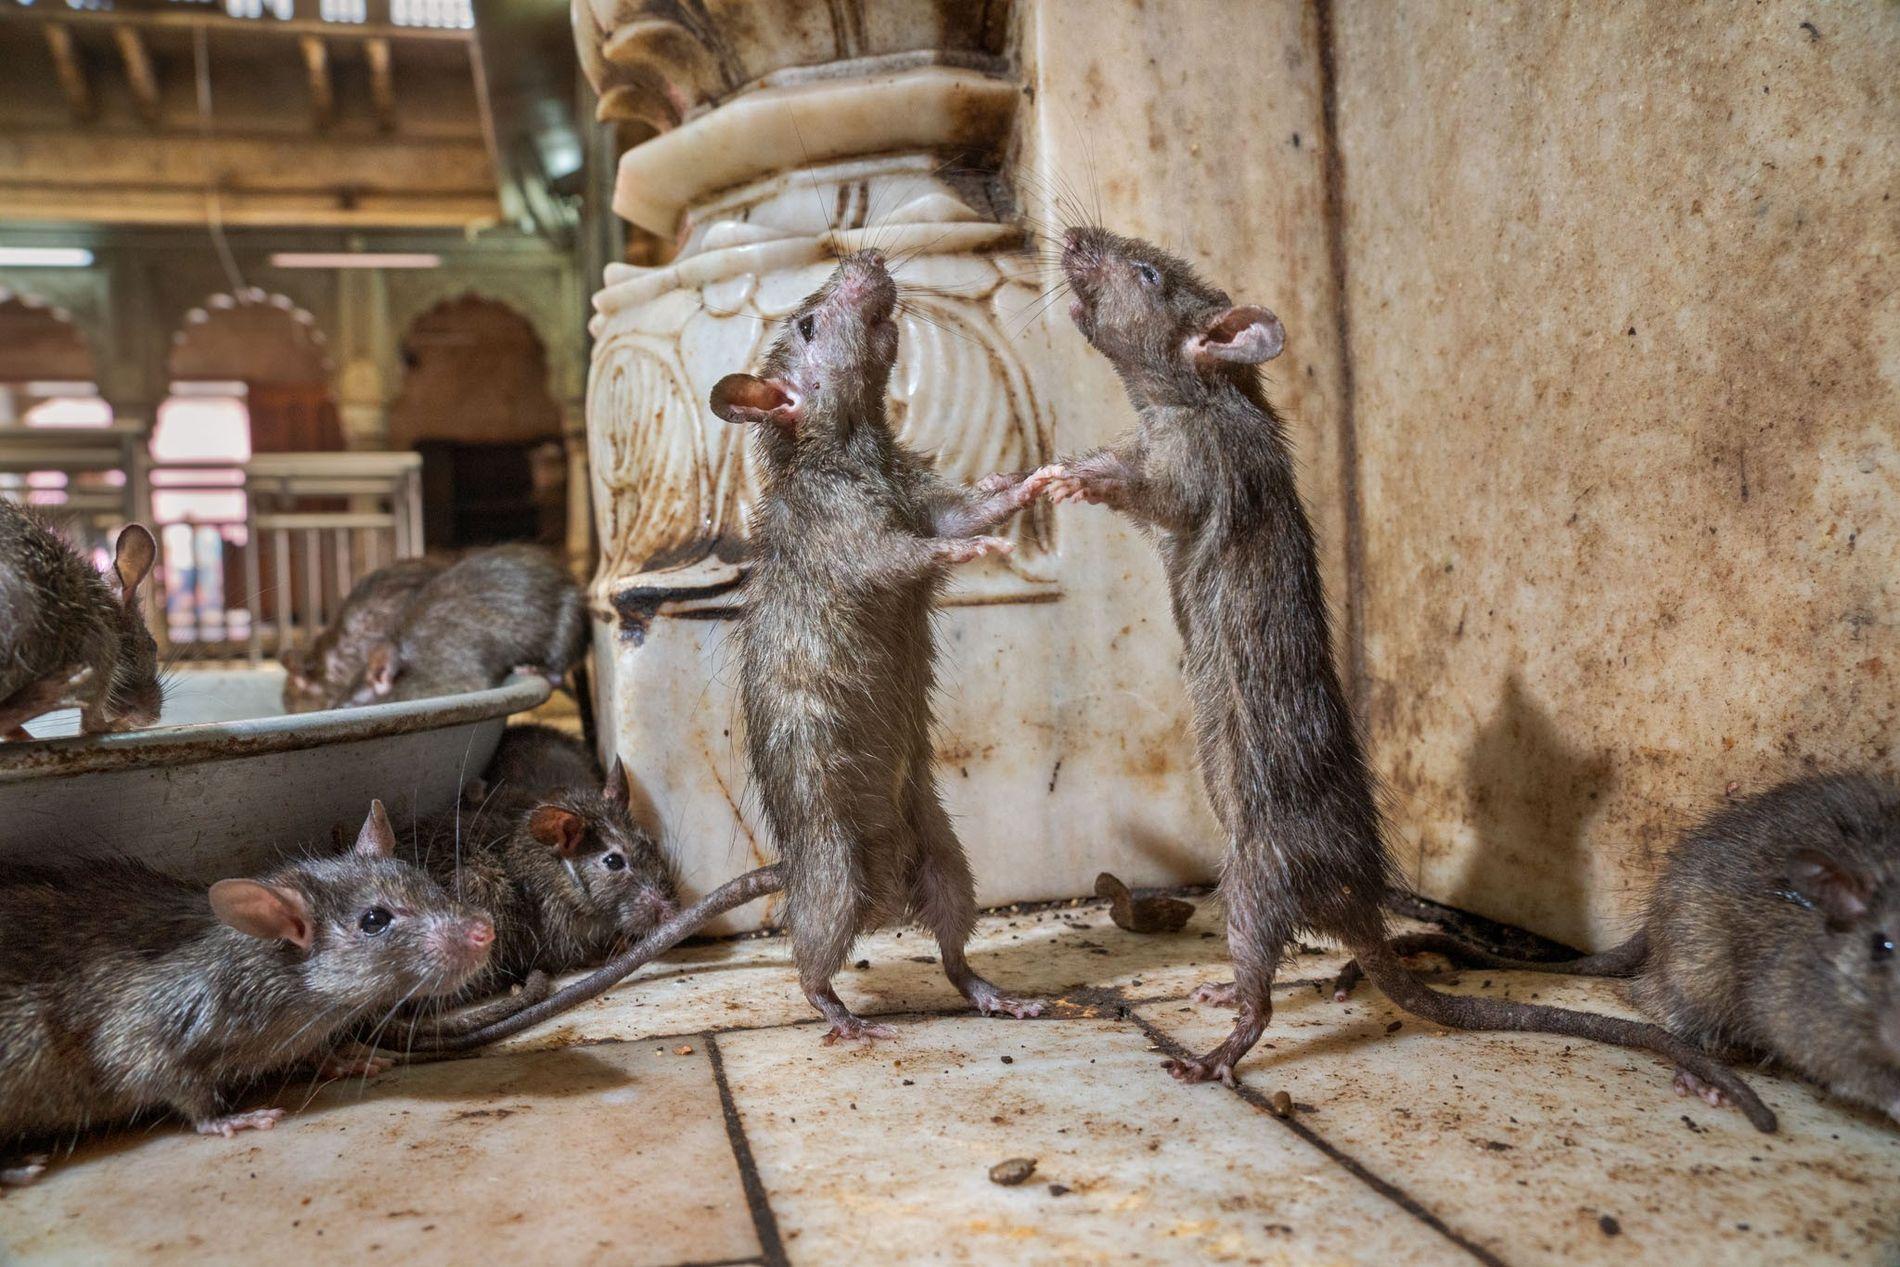 Deux rats du temple de Karni Mata, au Rajasthan, en Inde, s'affrontent pour être le dominant. ...